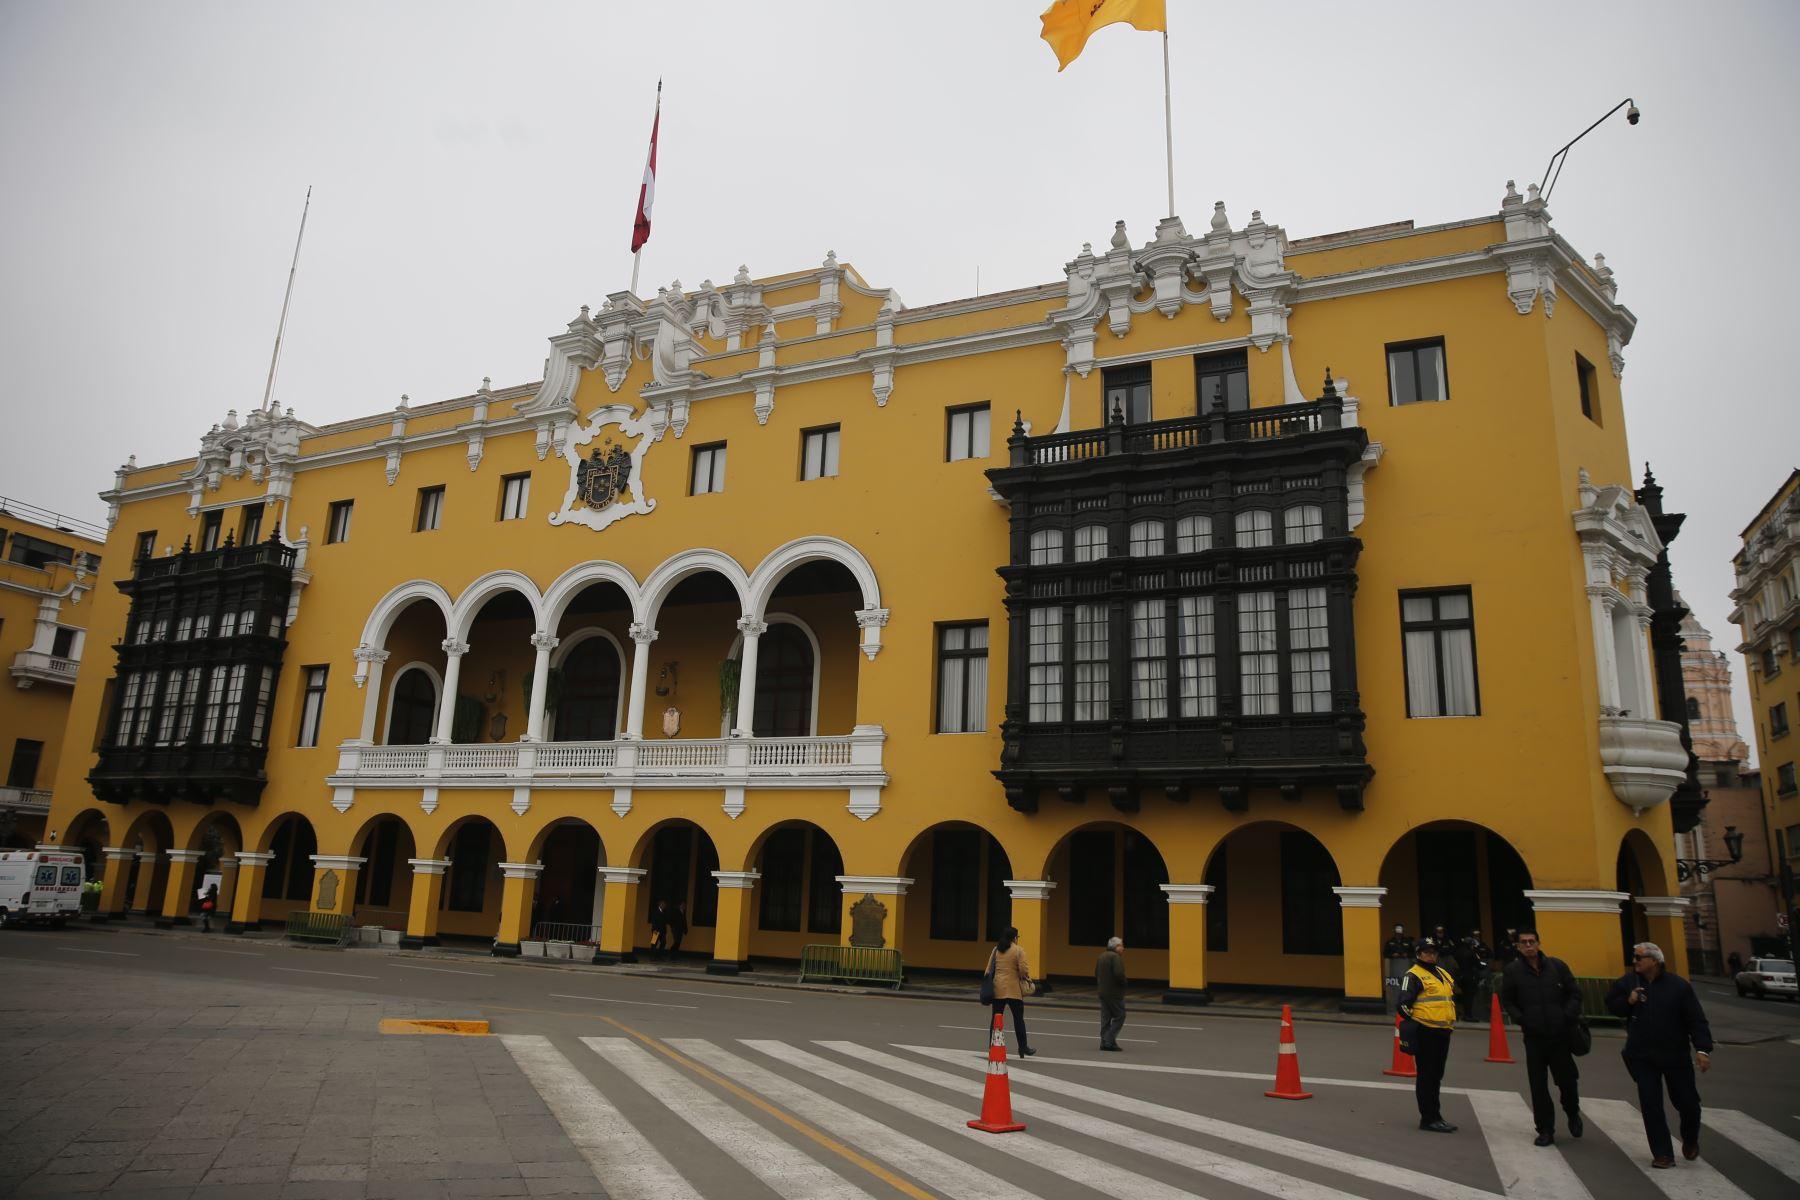 En total serán incorporadas a la Municipalidad de Lima 436 personas pertenecientes al Sitobur. Foto: ANDINA/Renato Pajuelo